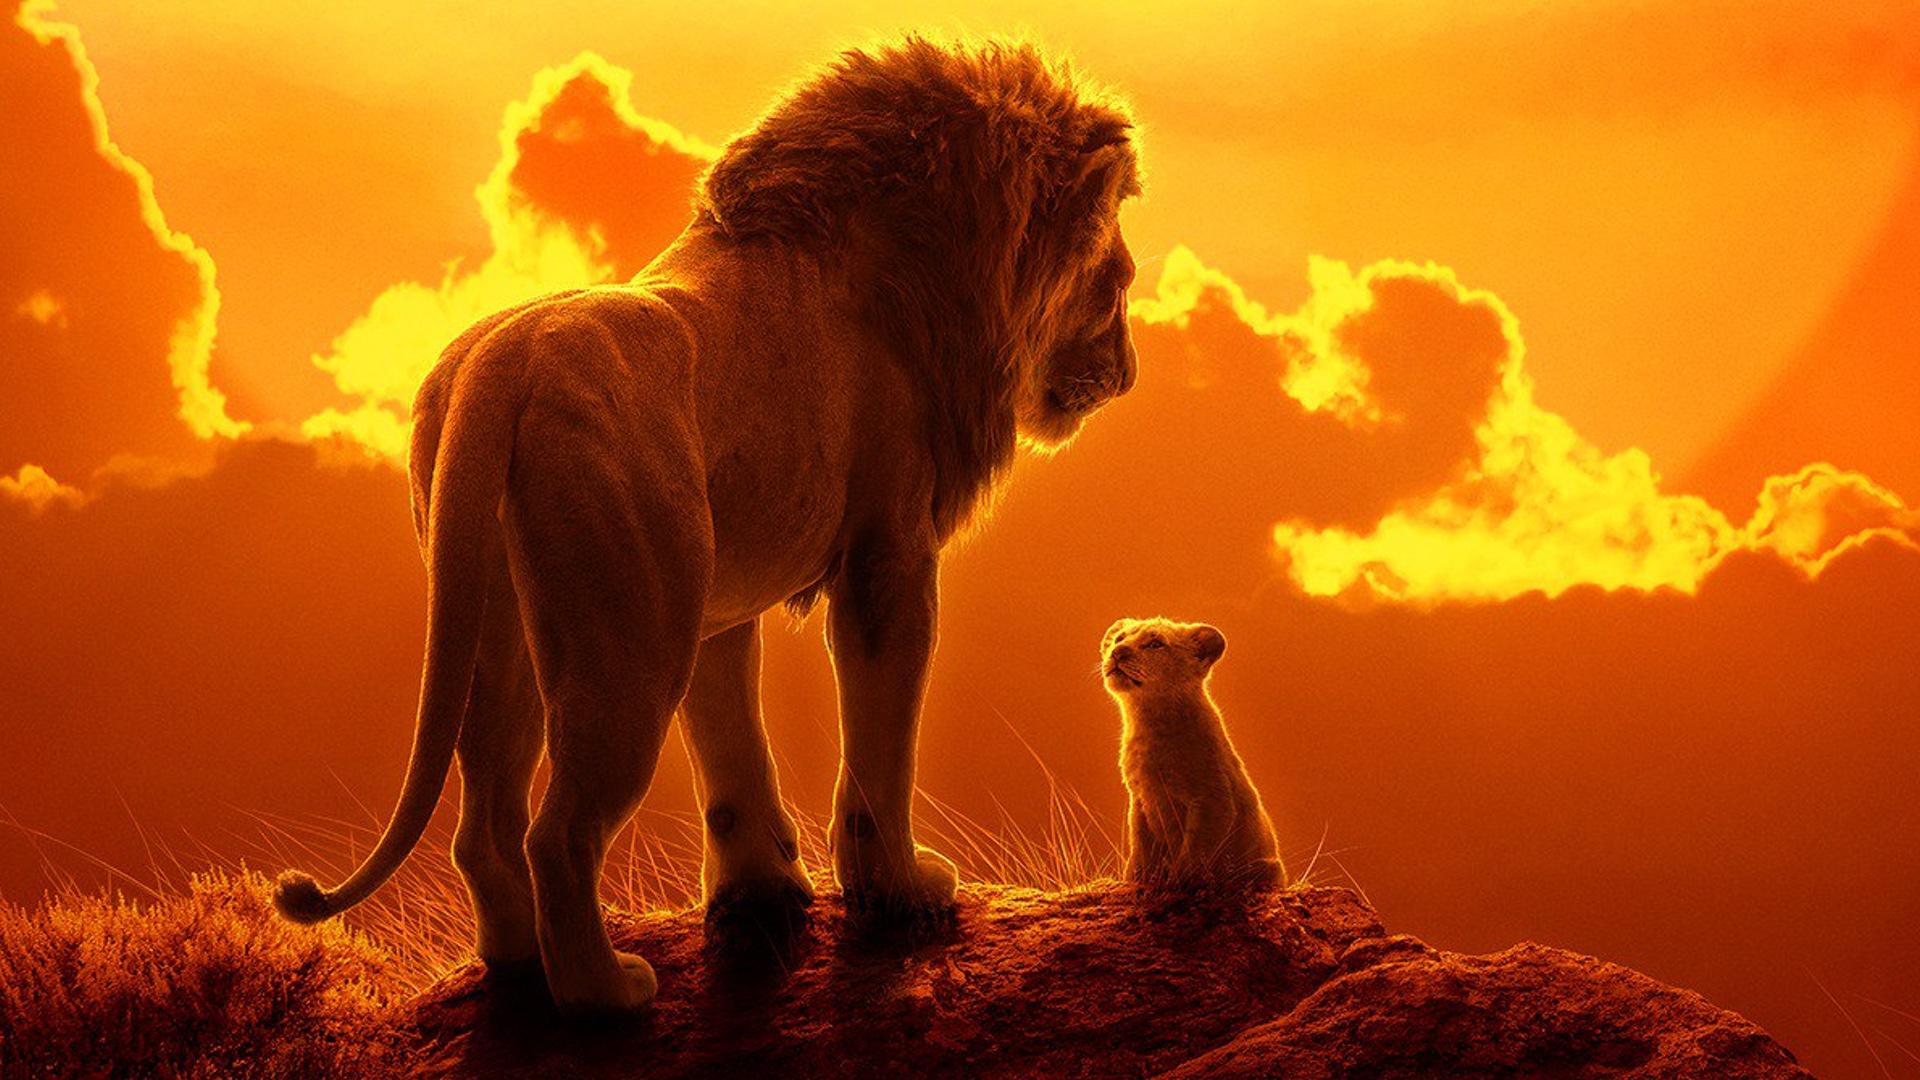 «Не ремейк, а снафф-видео»: Появились первые отзывы критиков на «Короля Льва»